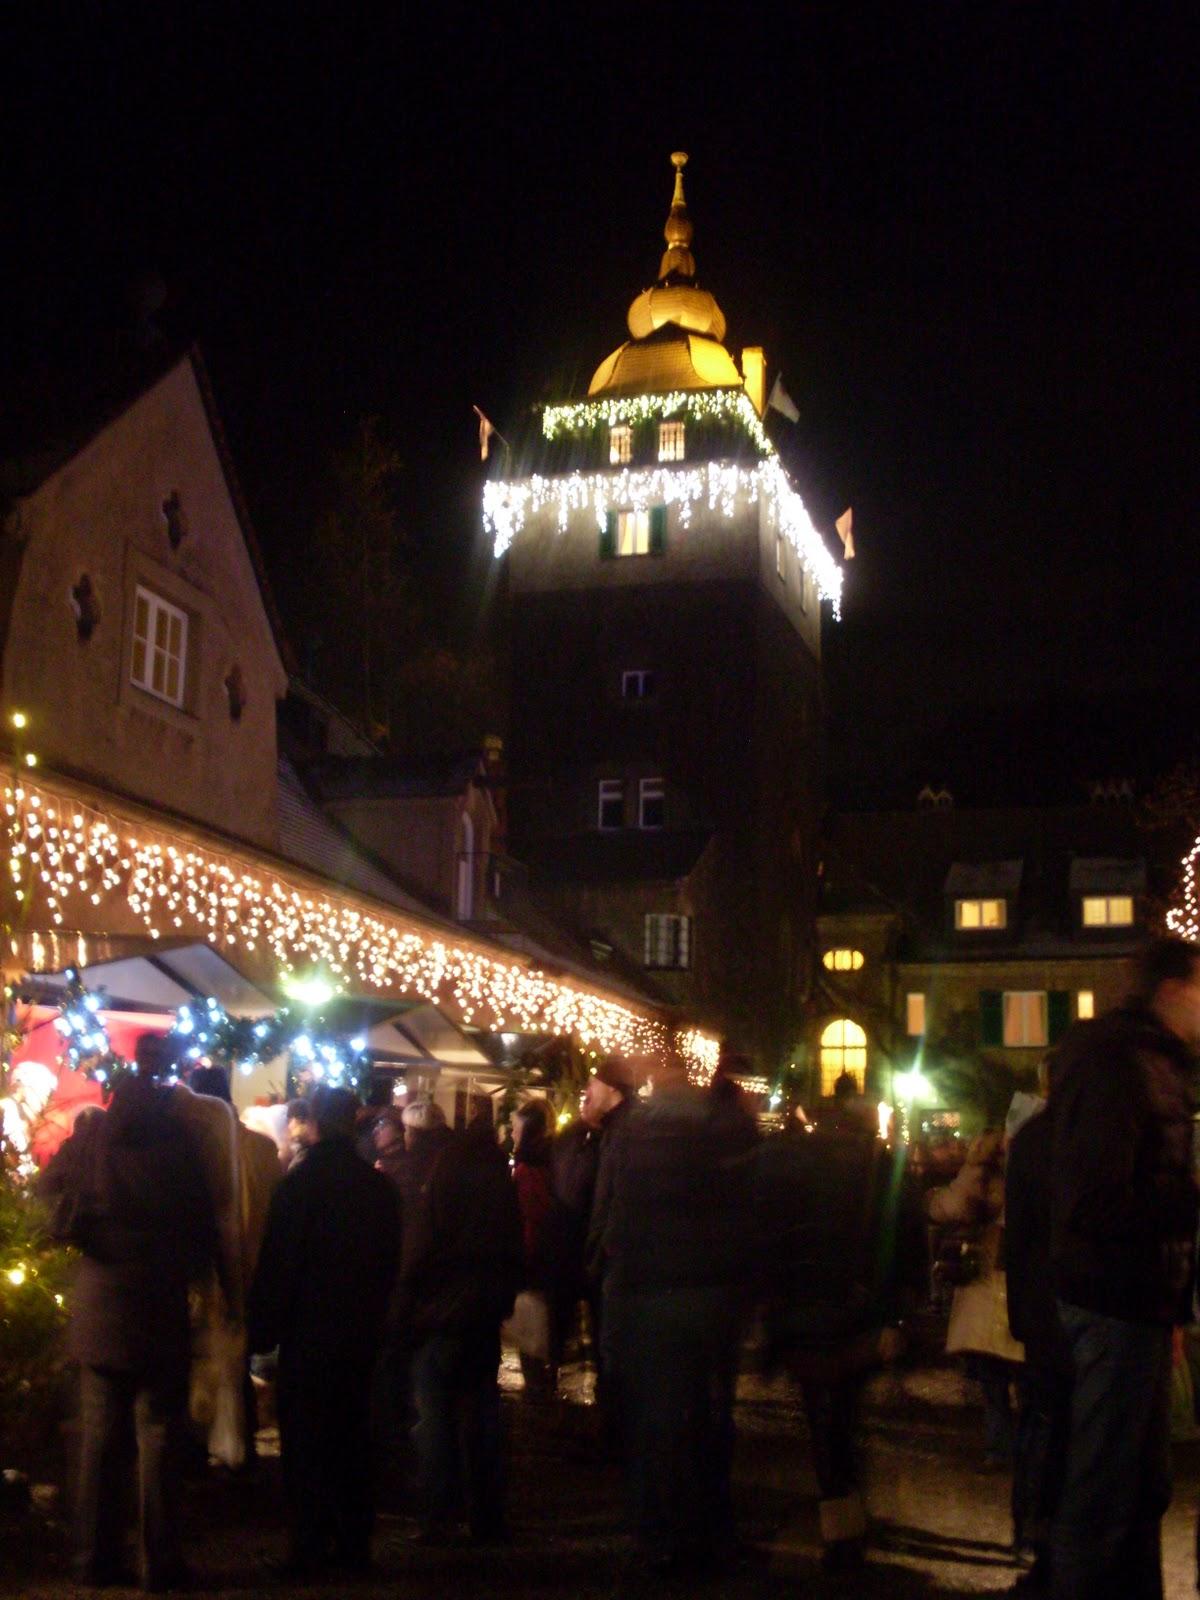 Bergisch Gladbach Weihnachtsmarkt.Weihnachtsmarkt Schlosshotel Lehrbach Wandern Strecke 51465